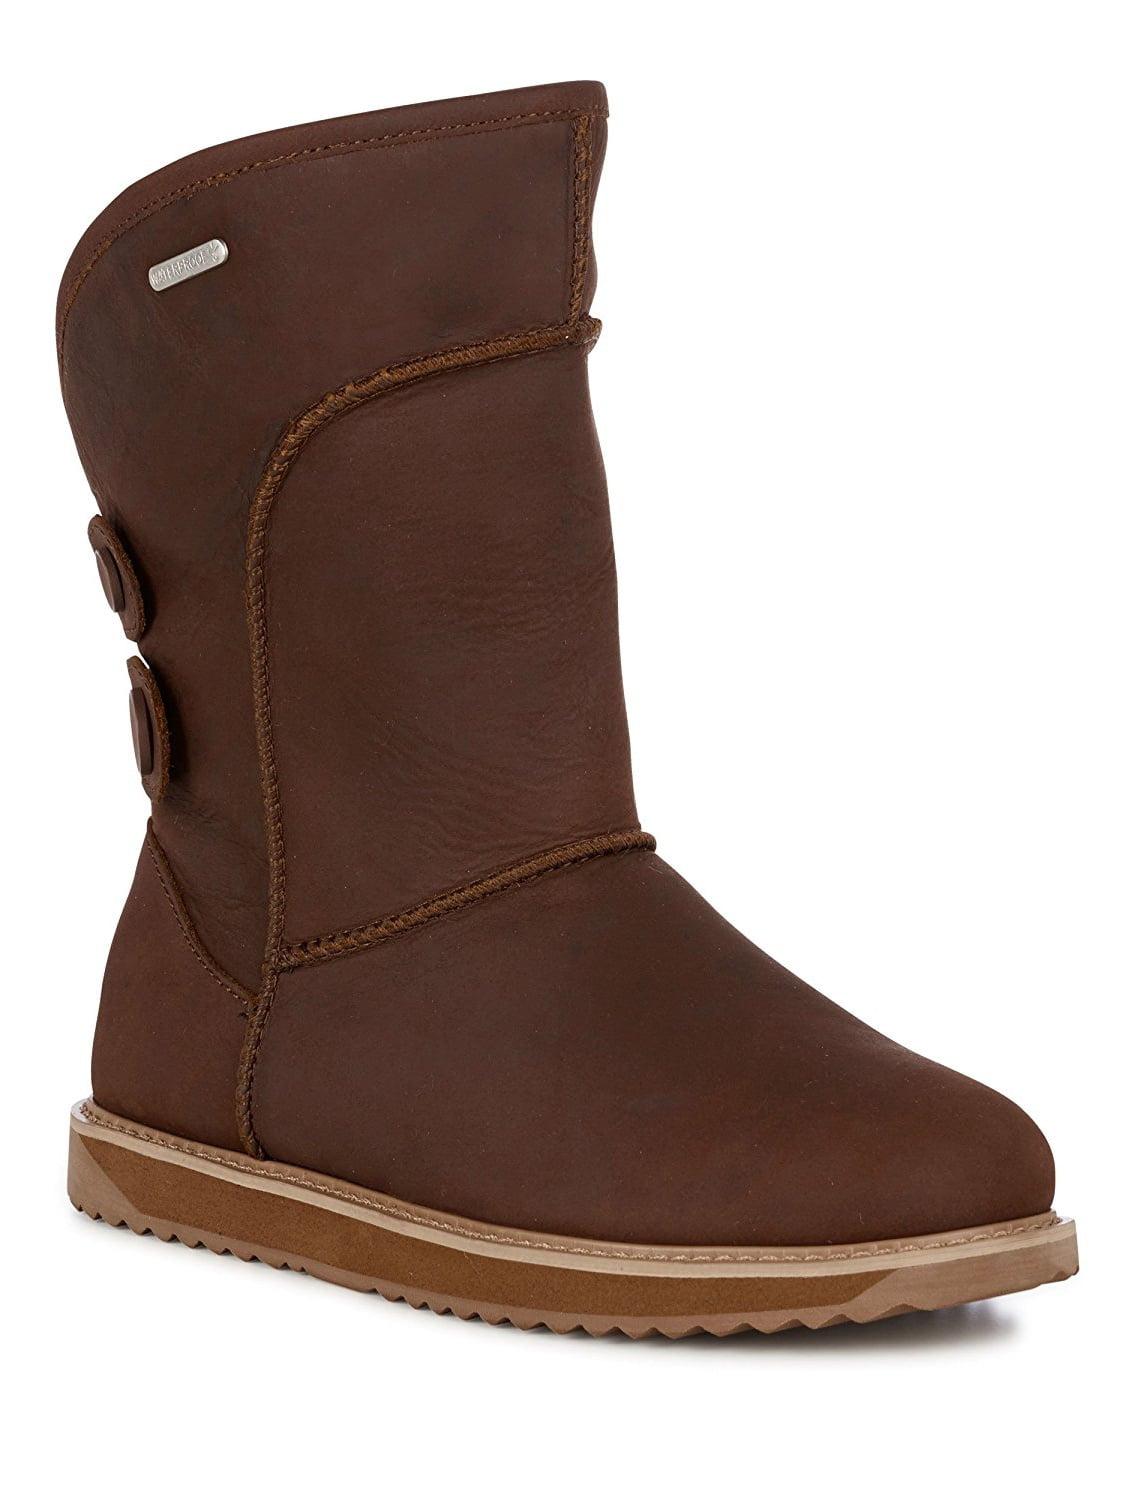 EMU Australia Charlotte Leather Womens Waterproof Sheepskin Boots in Oak Size 10